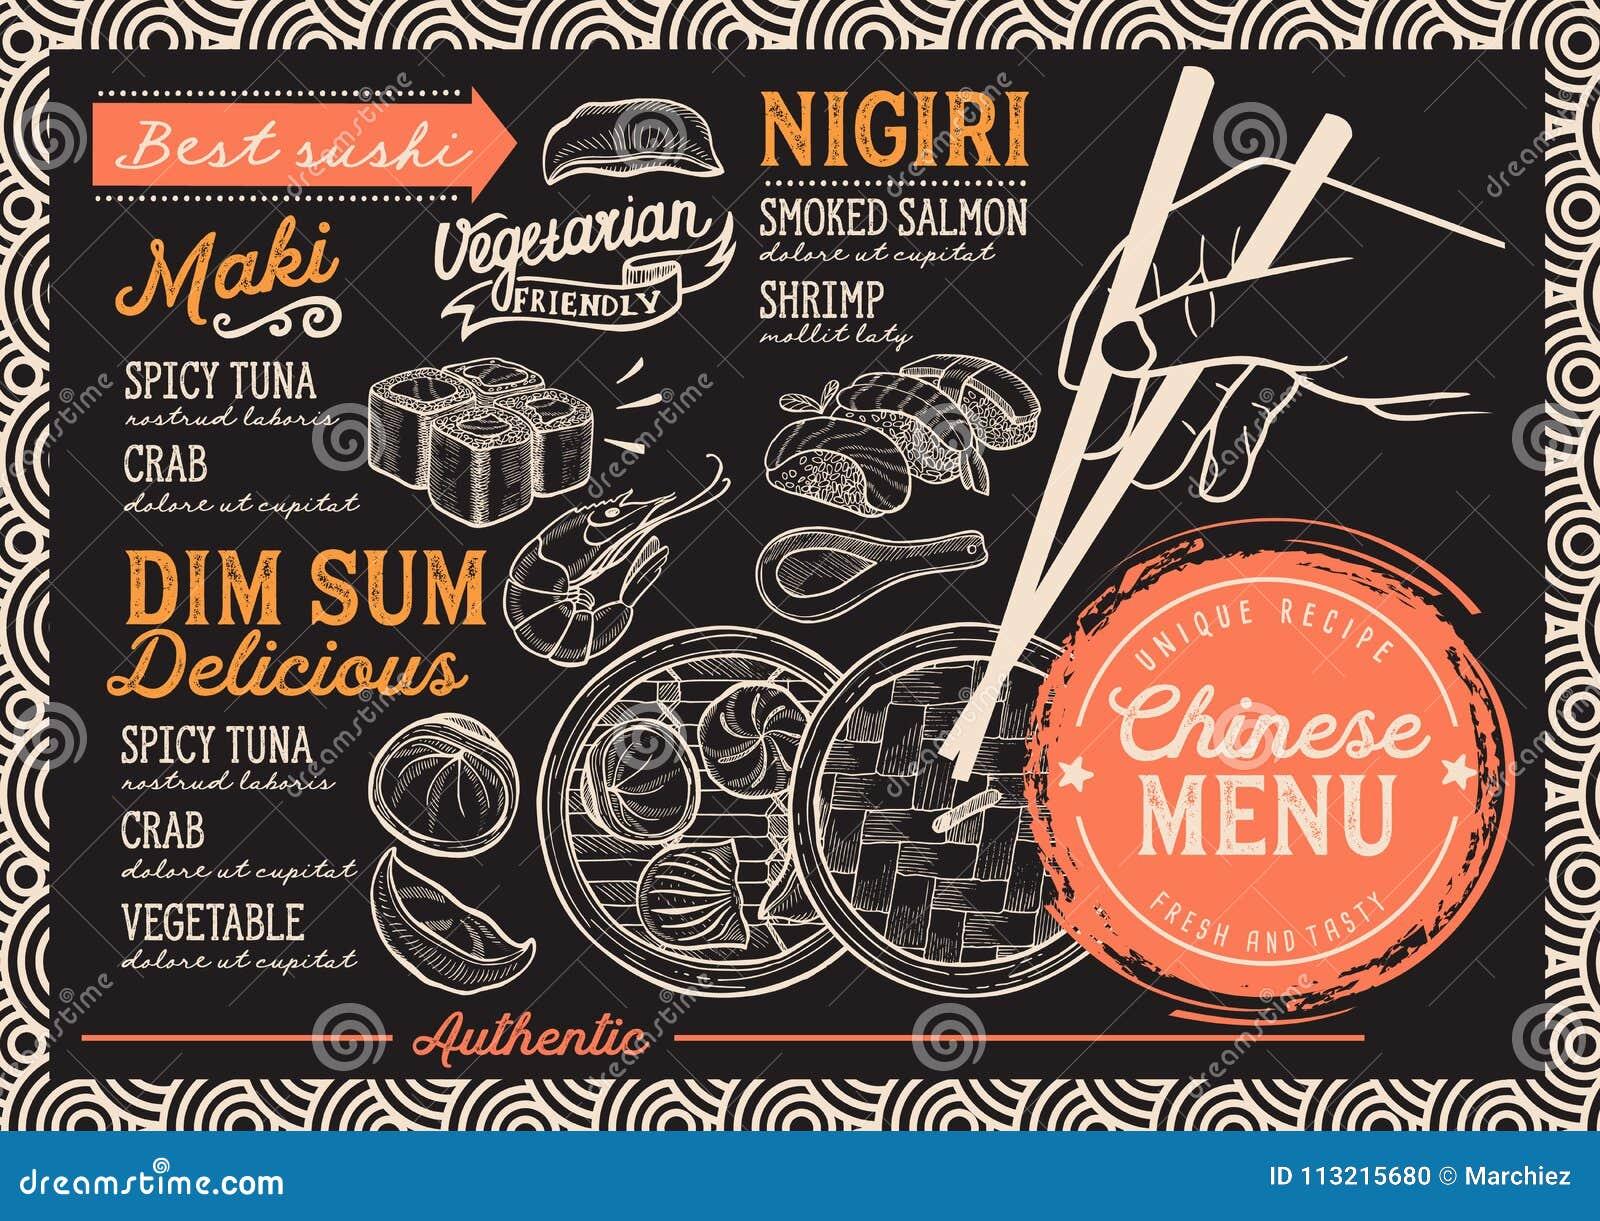 Japanisches Menürestaurant, Sushilebensmittelschablone